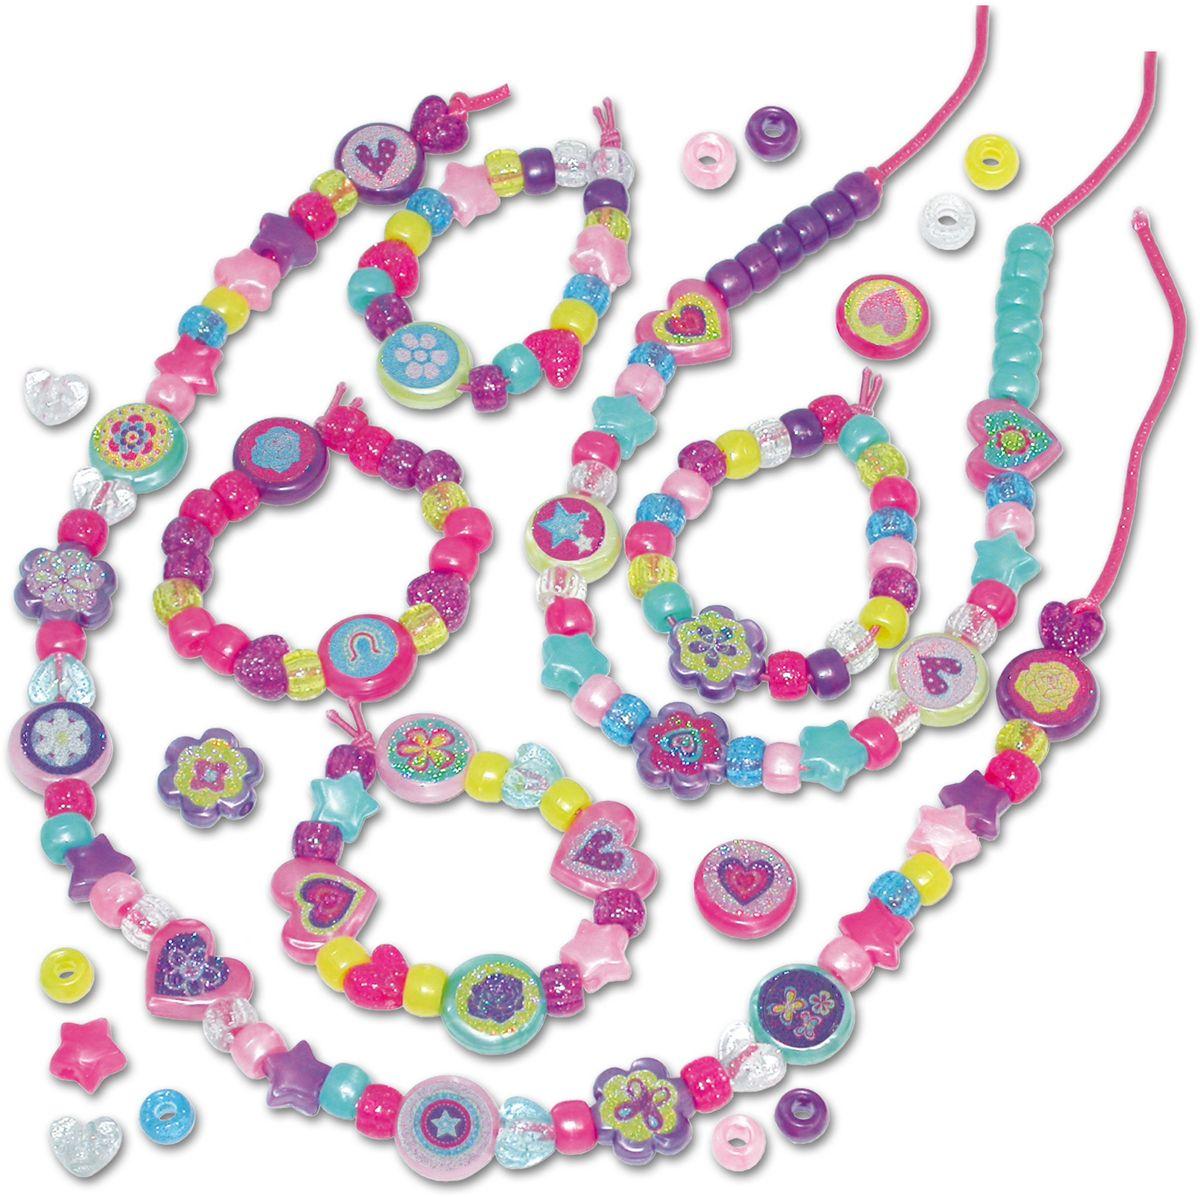 Galt Набор для создания украшений Переливающиеся бусы и браслеты